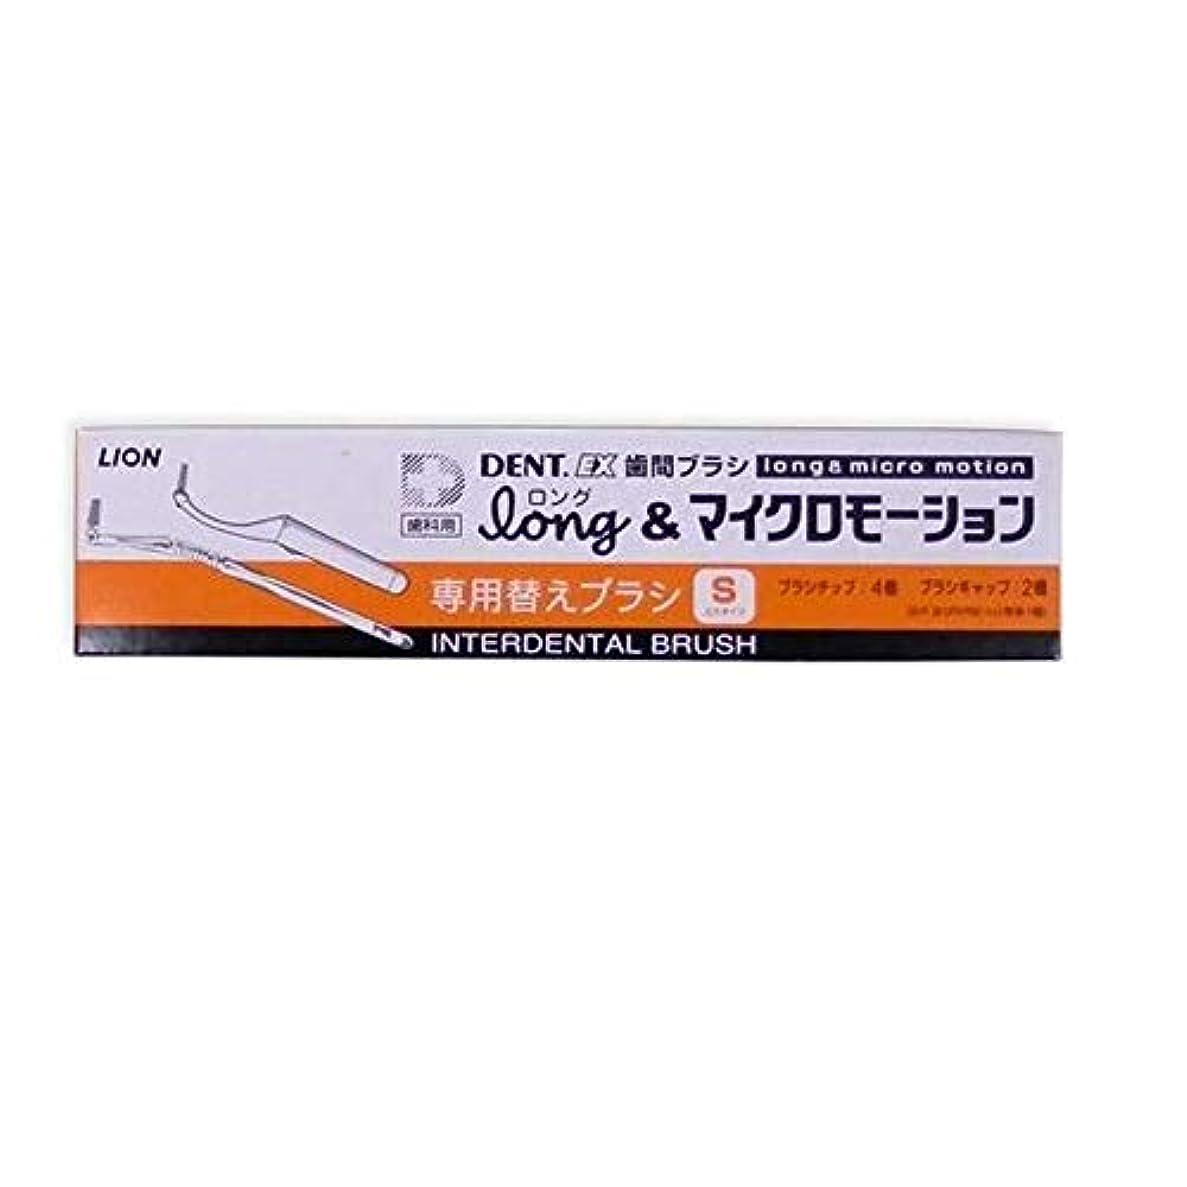 太鼓腹膨らませる成功するライオン DENT . EX 歯間ブラシ long ロング & マイクロモーション 専用 替えブラシ 4本入 × 10個 S